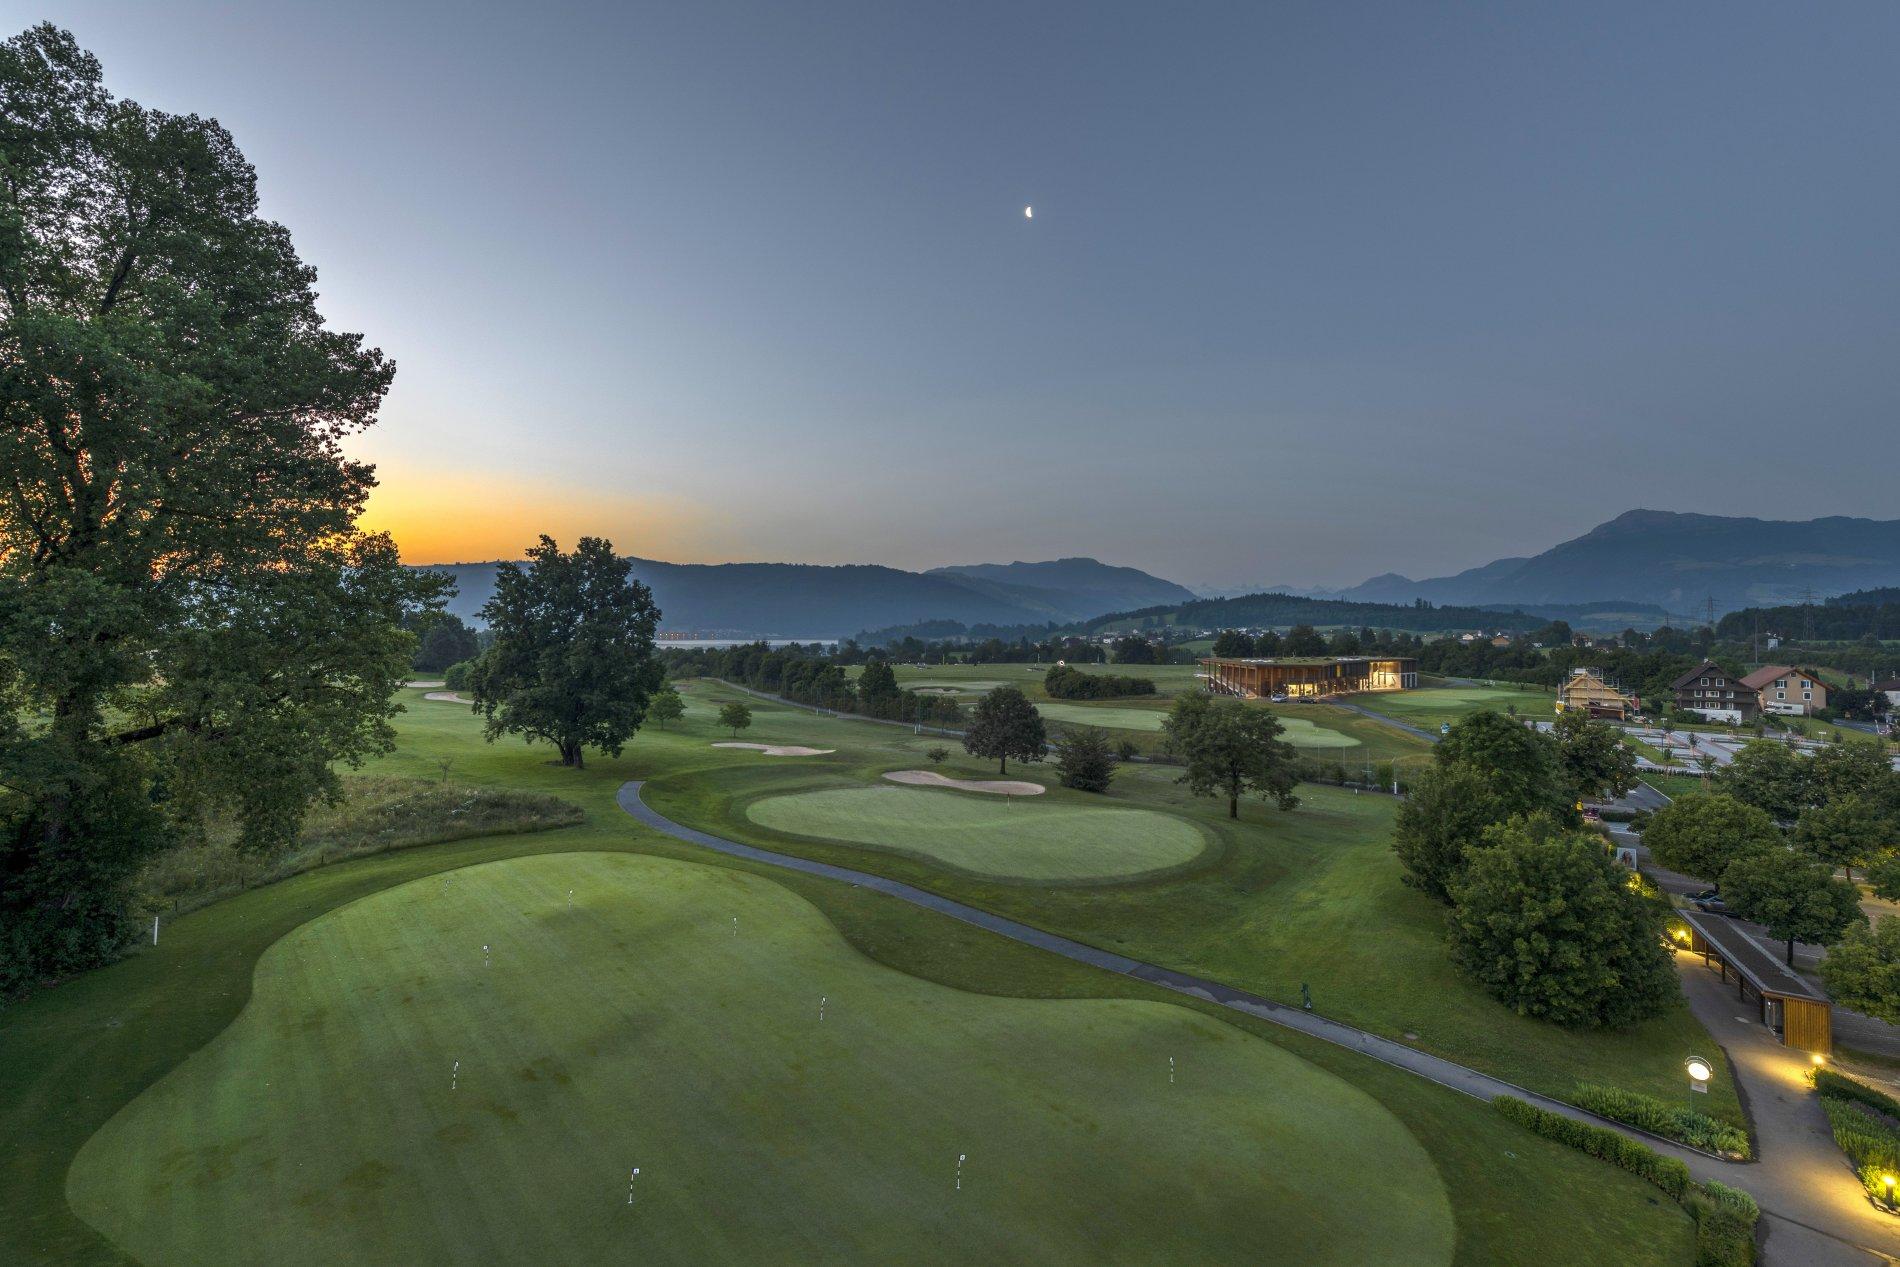 Sonnenuntergang Golfpark Holzhäusern